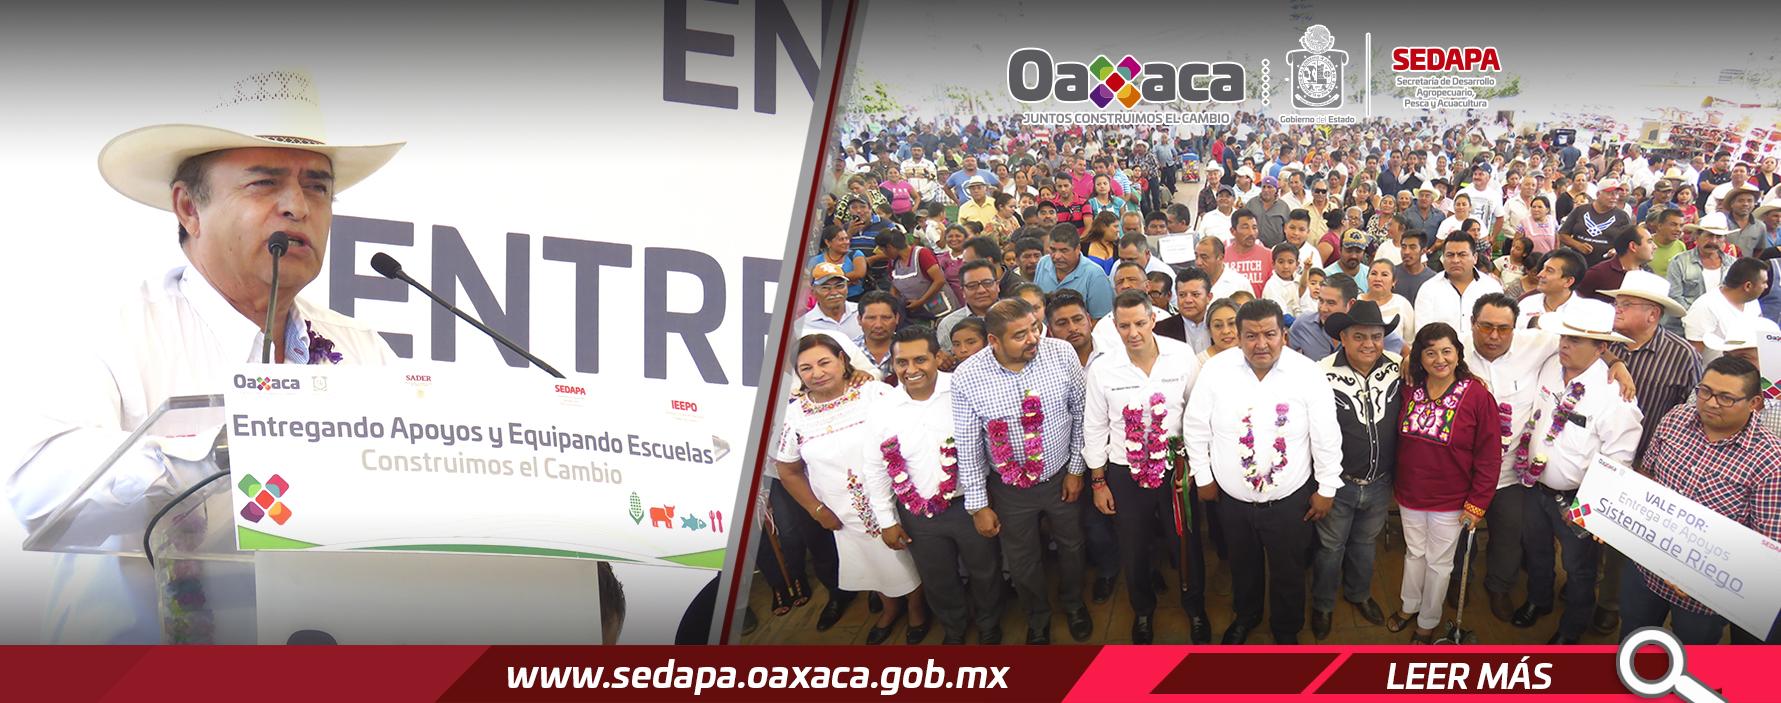 Somos un Gobierno que Trabaja por su Gente y Cumple: Alejandro Murat